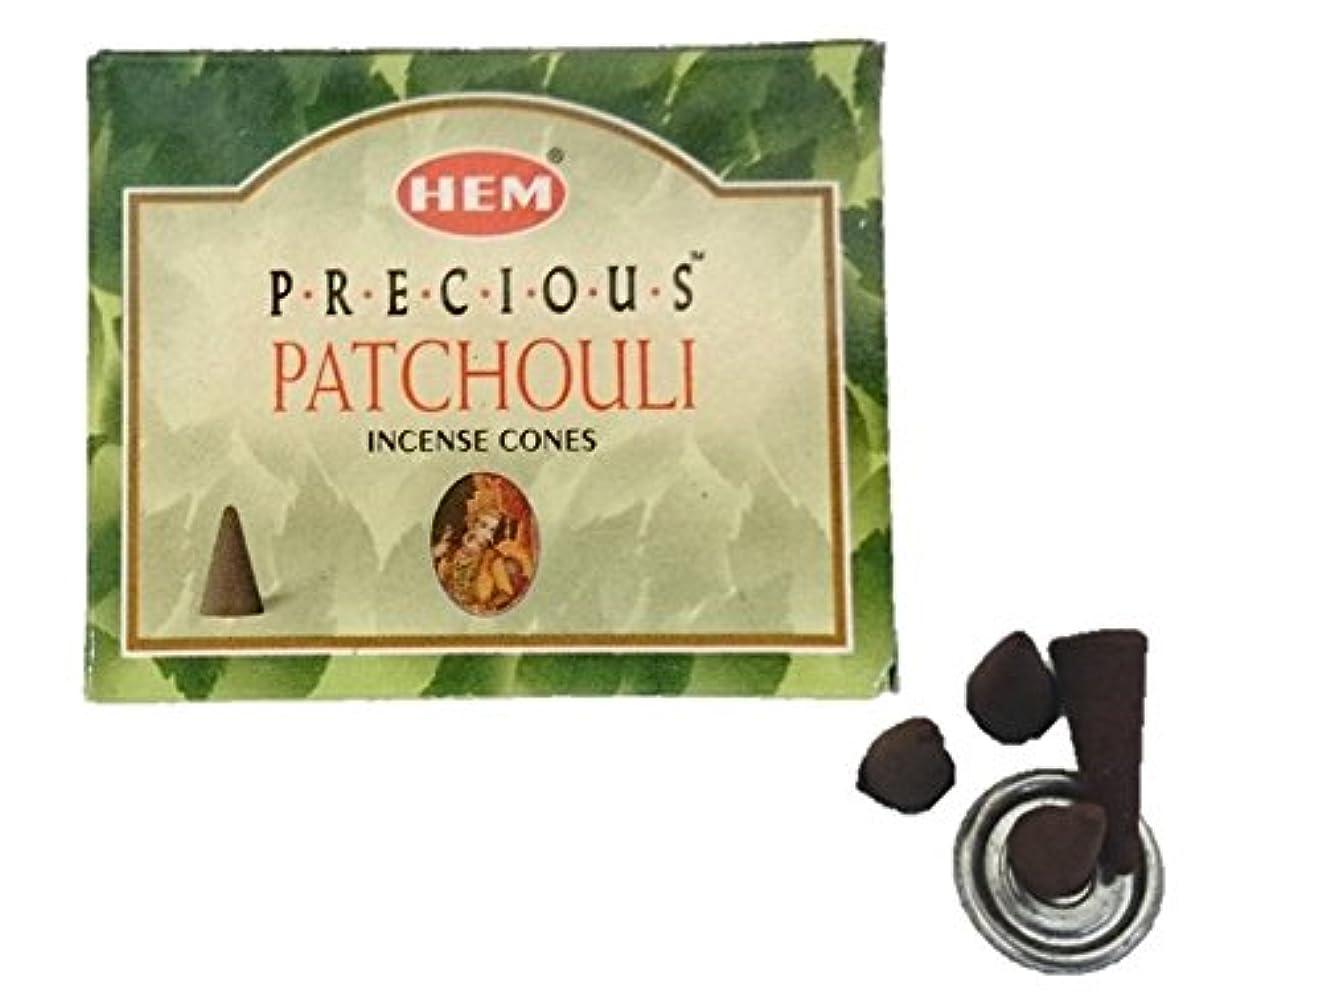 適合する排出技術HEM(ヘム)お香 プレシャス パチュリ コーン 1箱